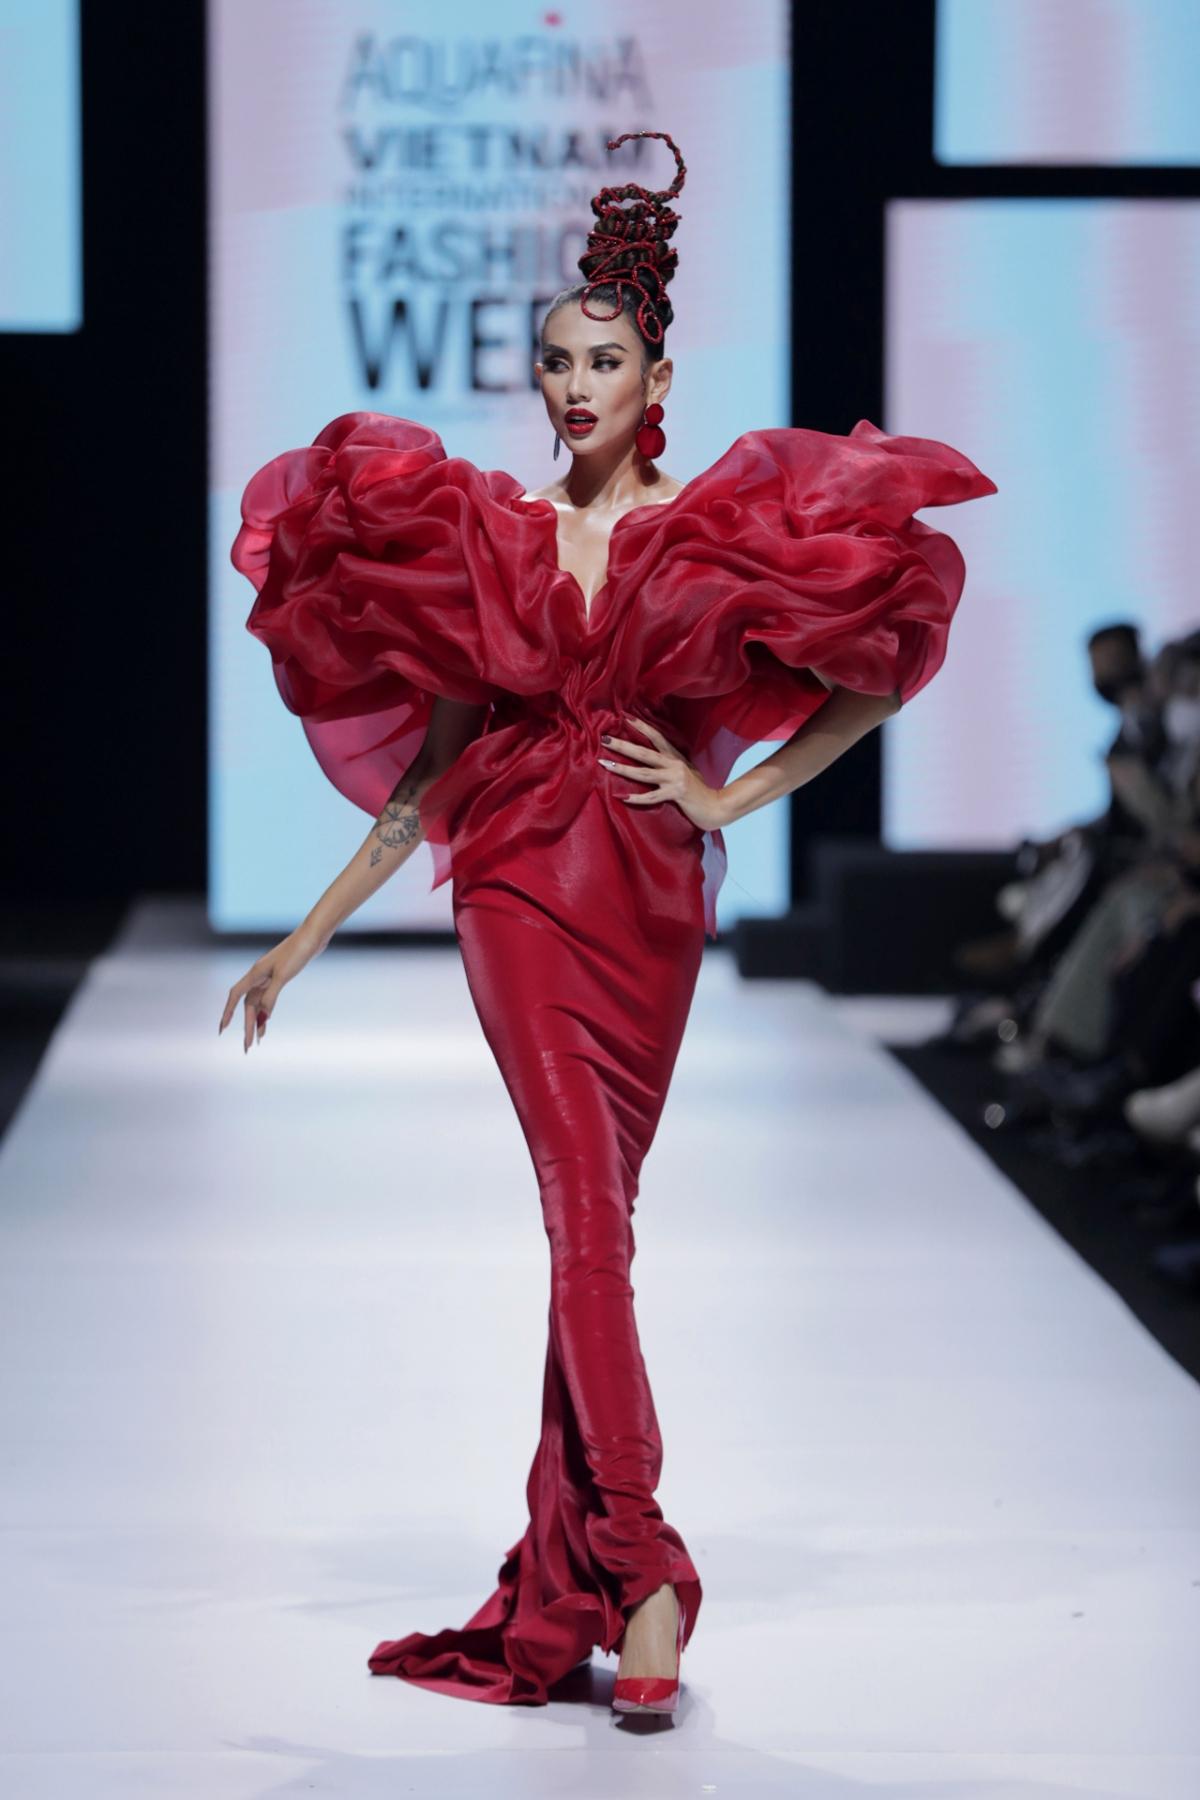 """BST """"Chạm"""" đến từ nhà thiết kế Hoàng Minh Hà trong đêm bế mạc Tuần lễ thời trang quốc tế Việt Nam 2020 đã mang đến cho khán giả những cảm xúc vô cùng thăng hoa và bất ngờ khi siêu mẫu Võ Hoàng Yến catwalk như nhảy múa trong vai trò vedette tại bộ sưu tập của nhà thiết kế Hoàng Minh Hà."""